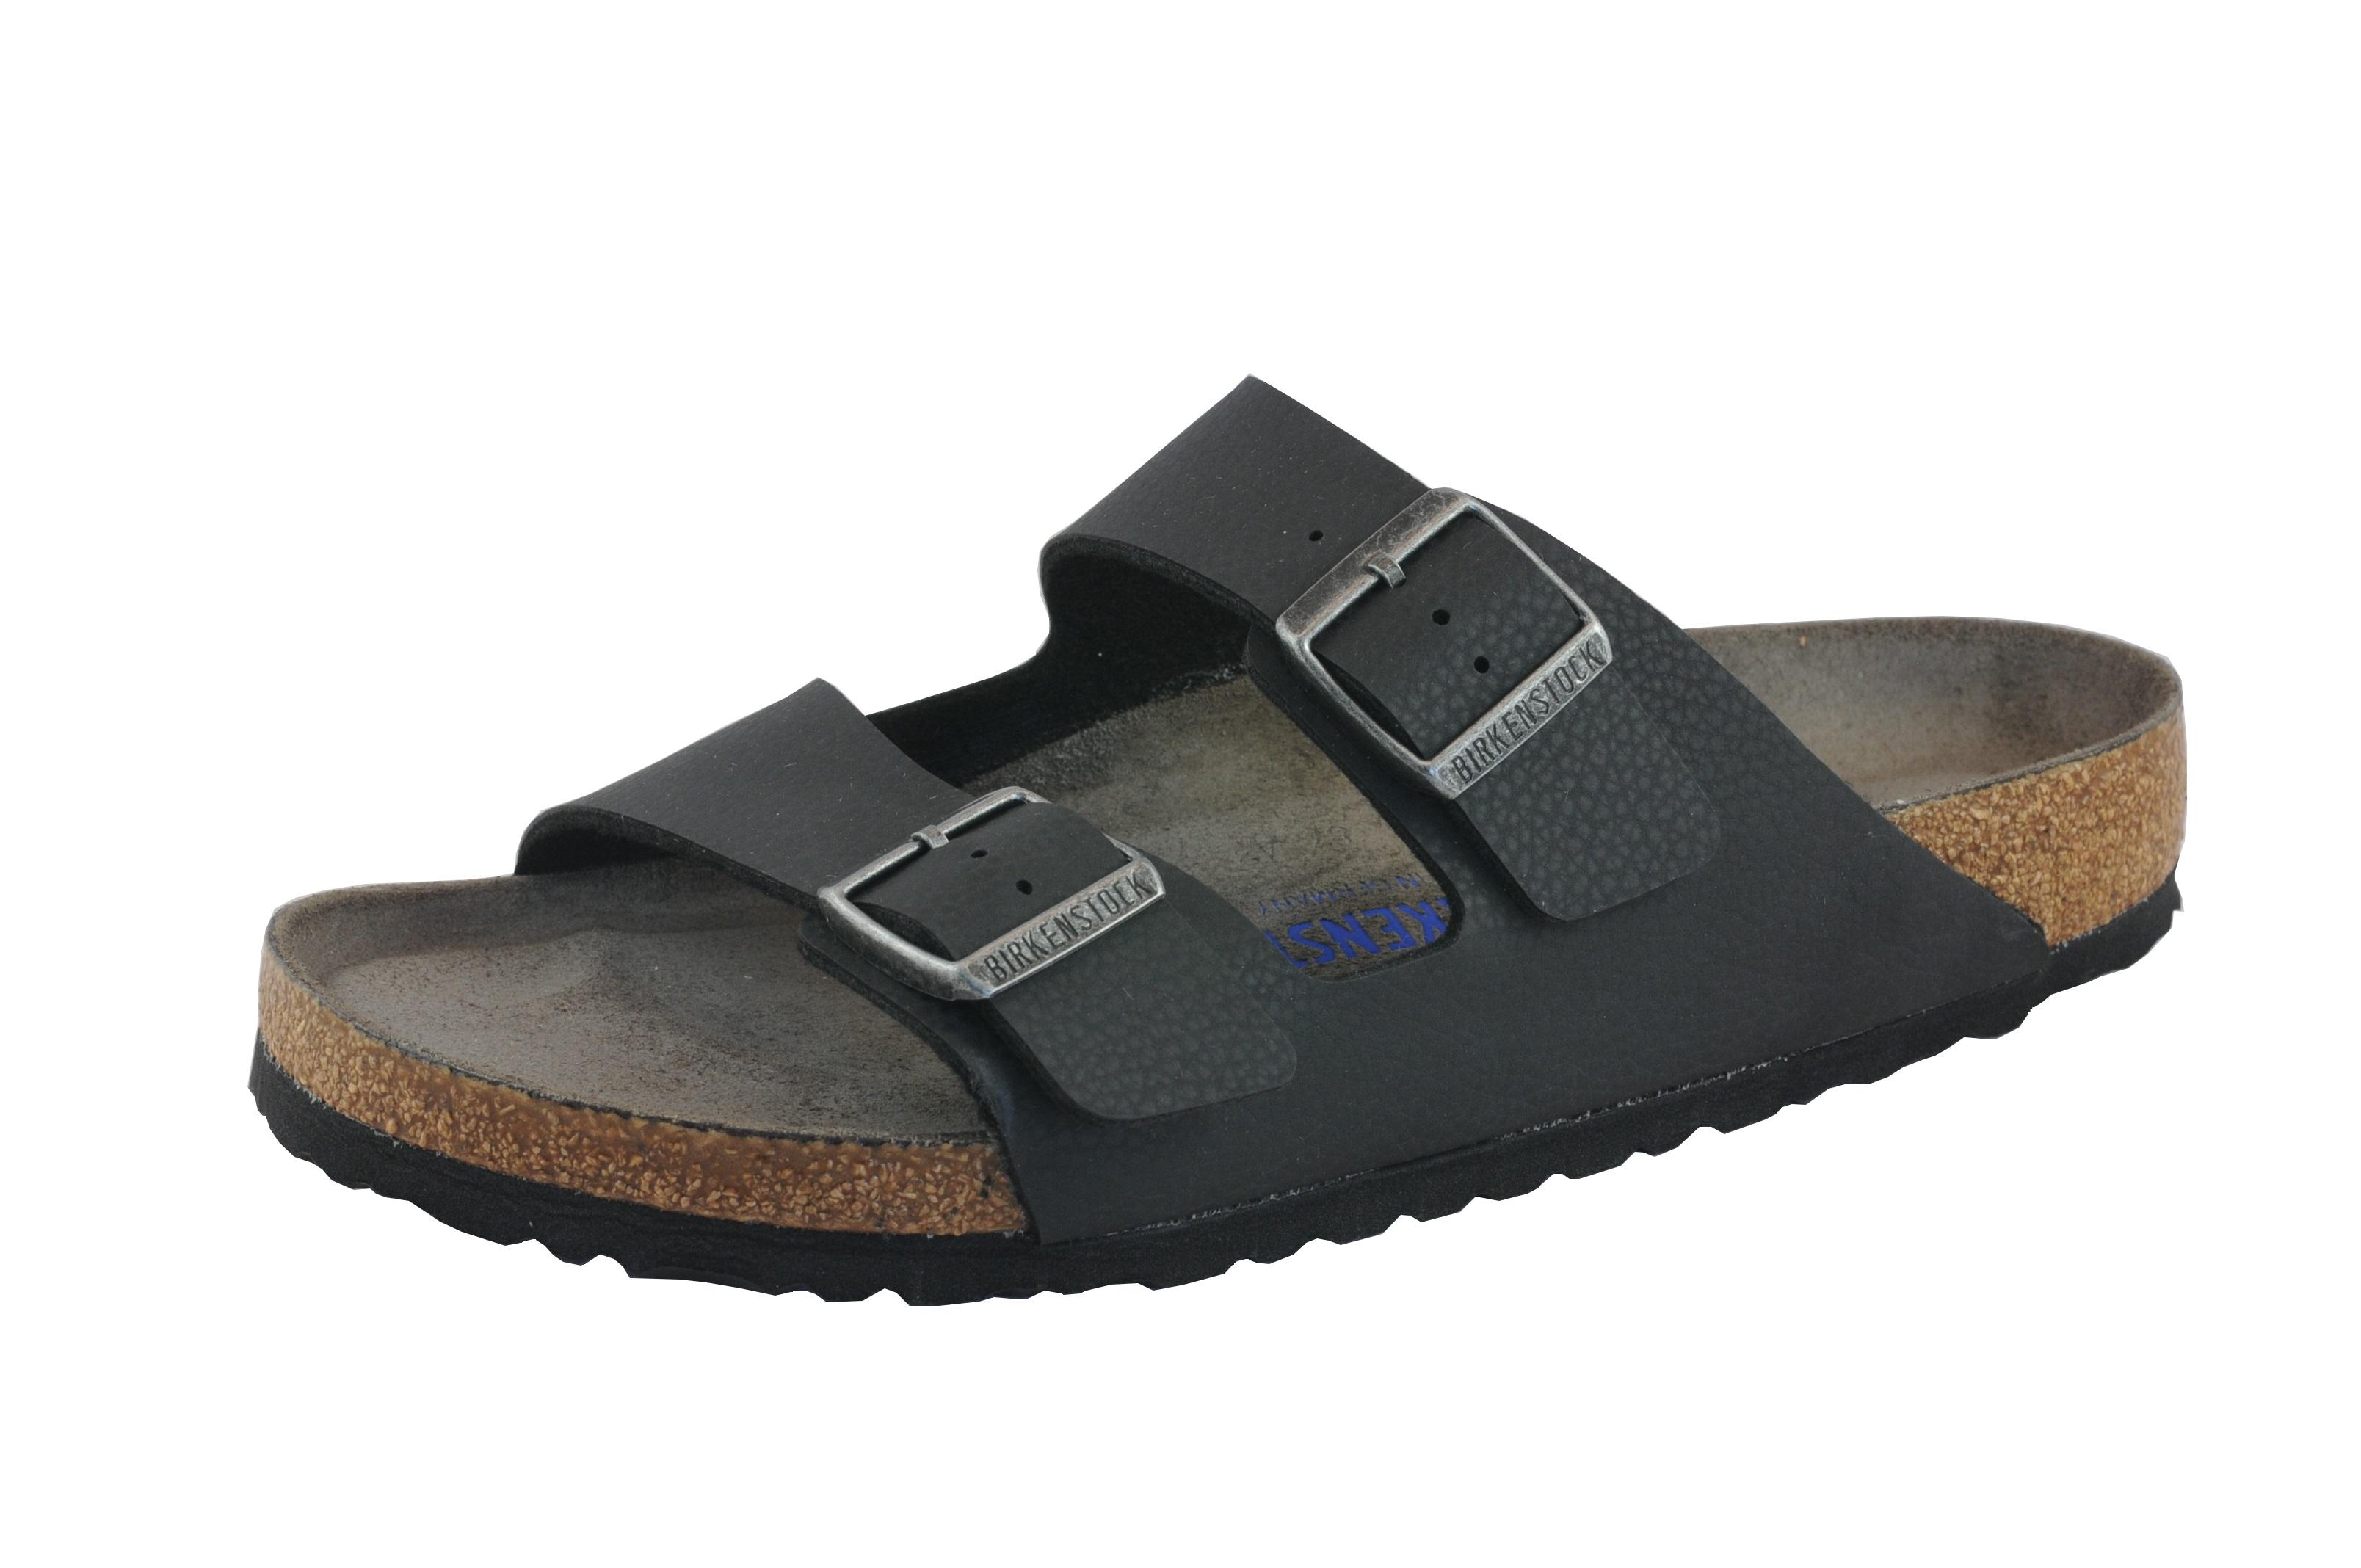 Schuh Ober Birkenstock Herren online kaufen